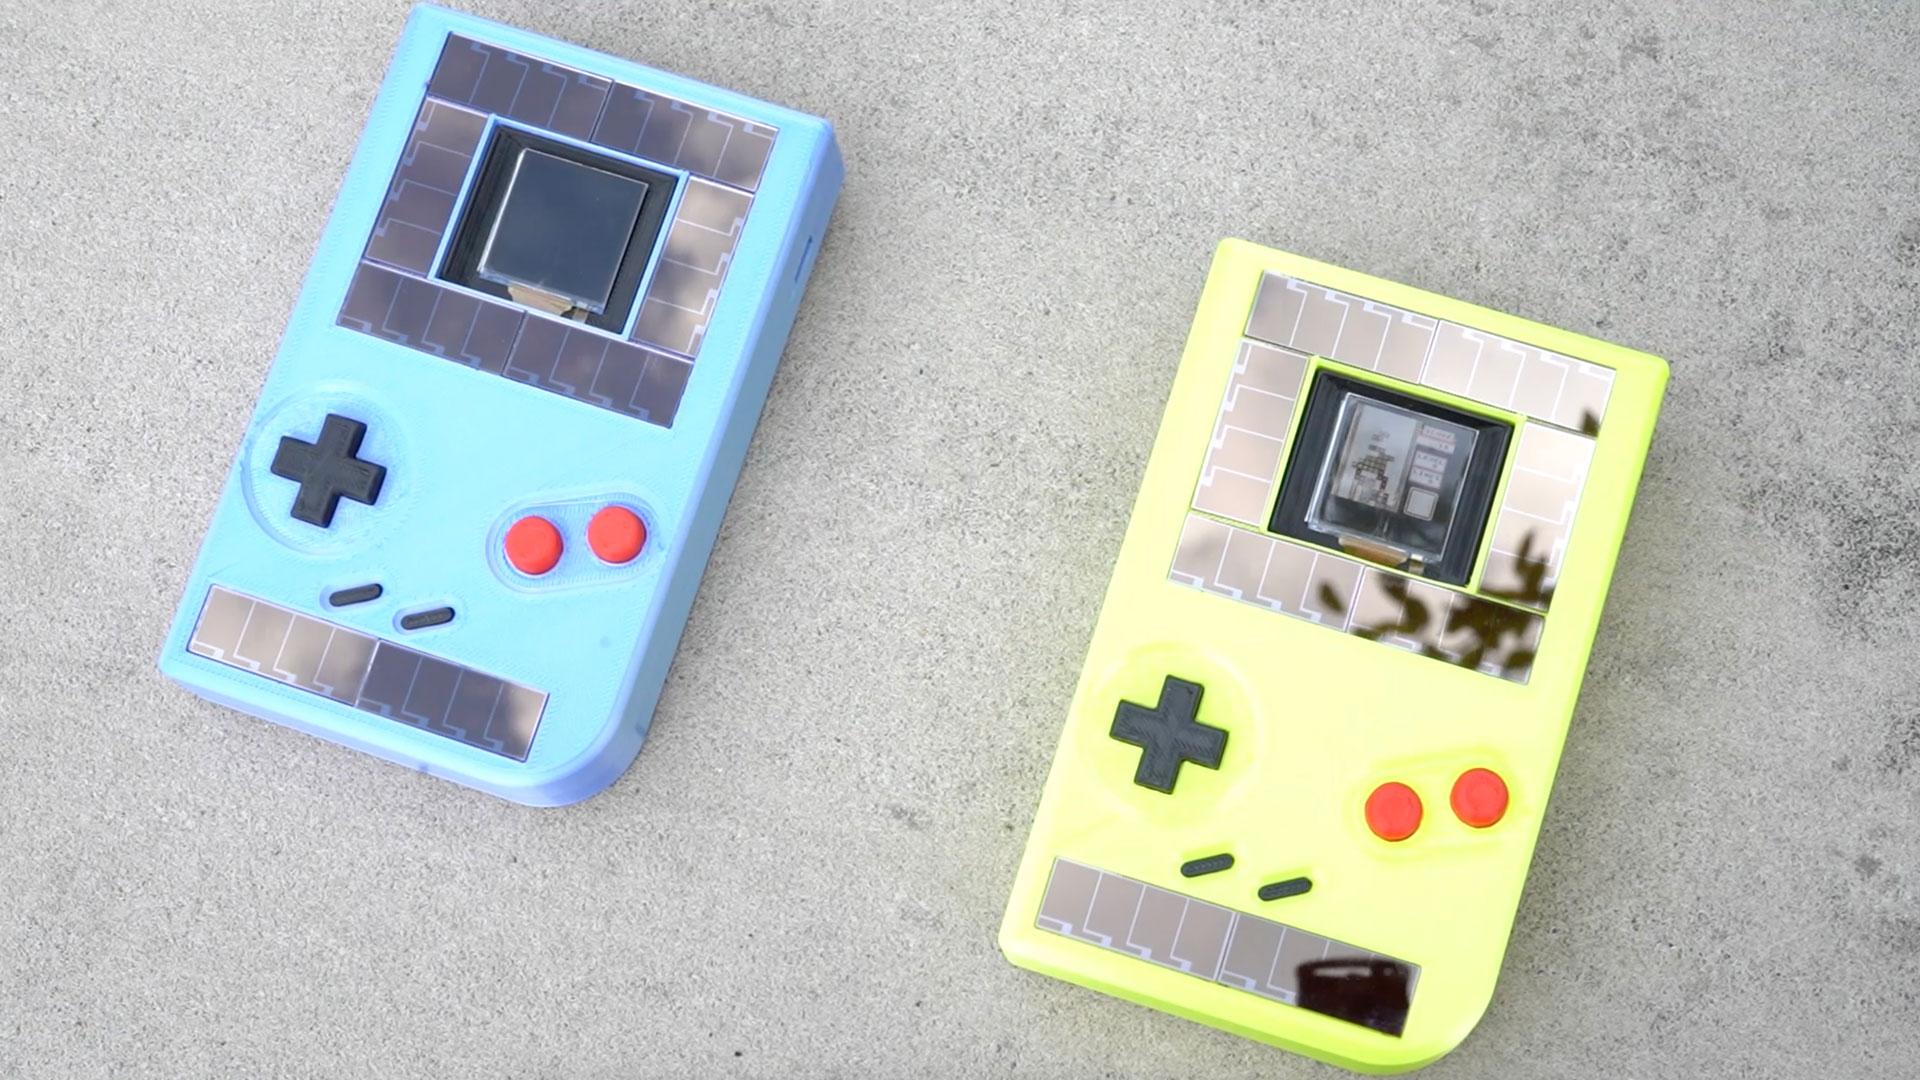 Solarpaneele und kinetische Energie versorgen den batteriefreien Game Boy